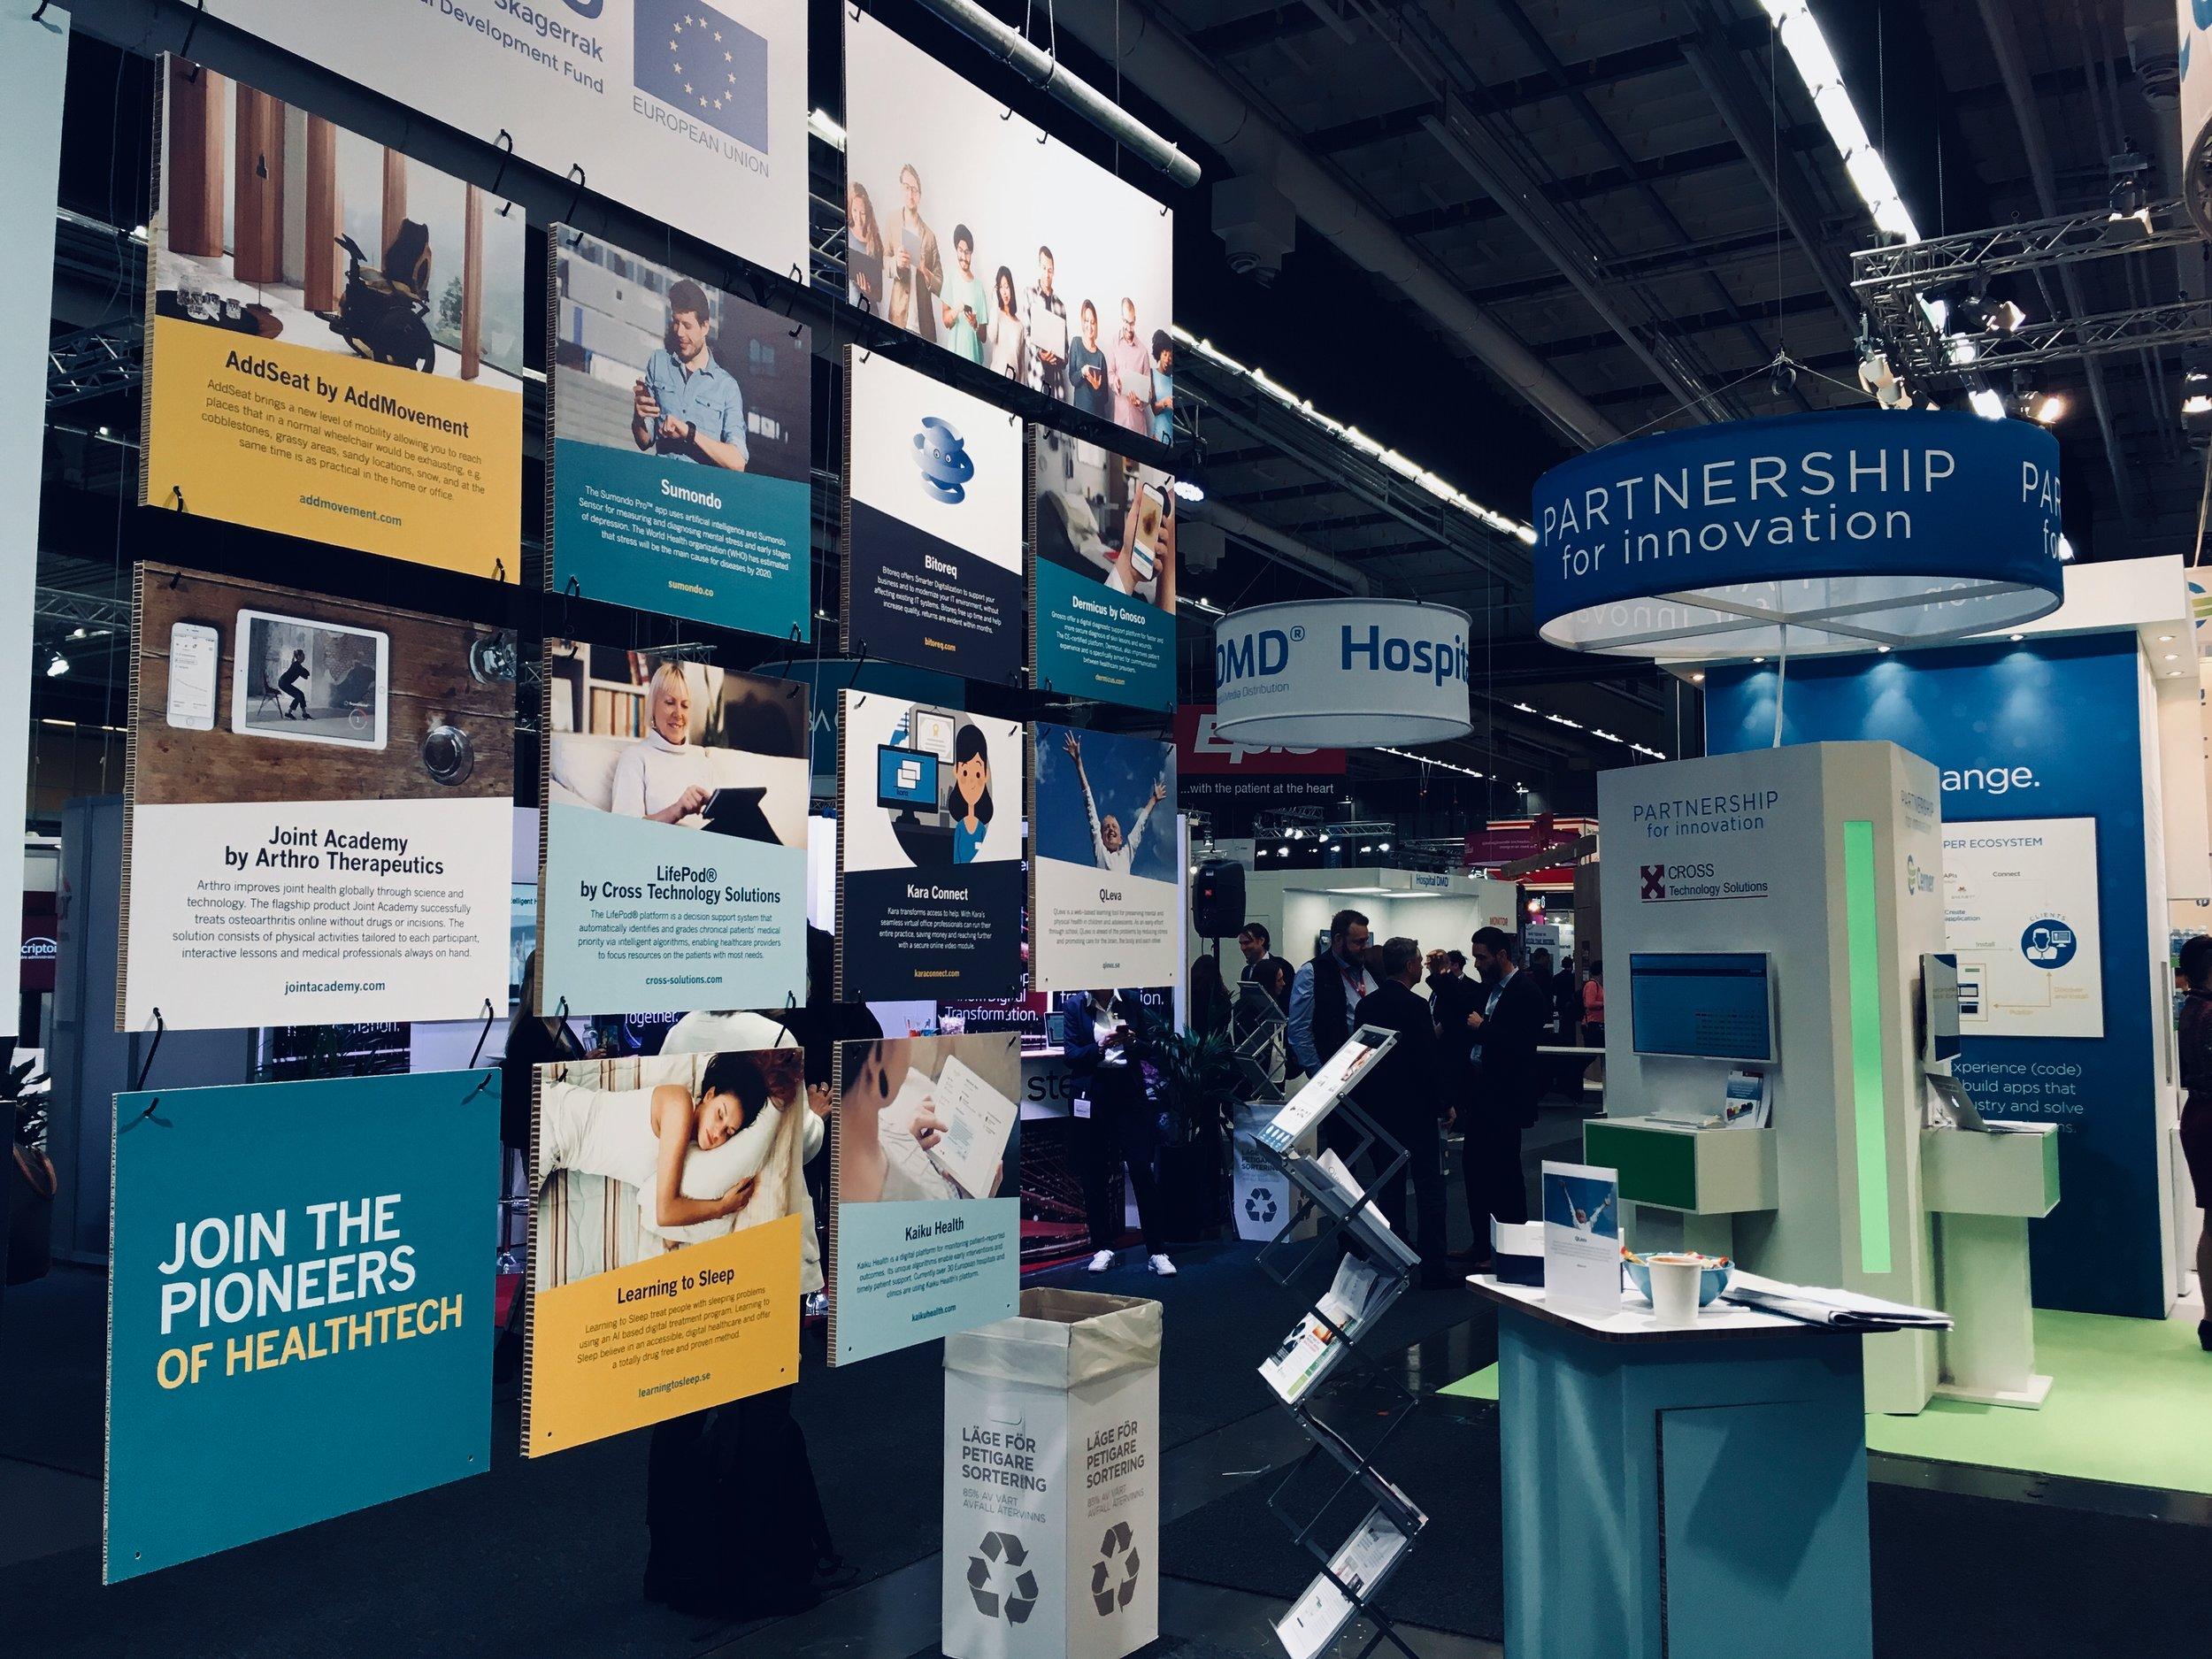 """Stolta över att vara en del av HealthTech Nordic - """"Community of pioneers within the field of HealthTech"""""""